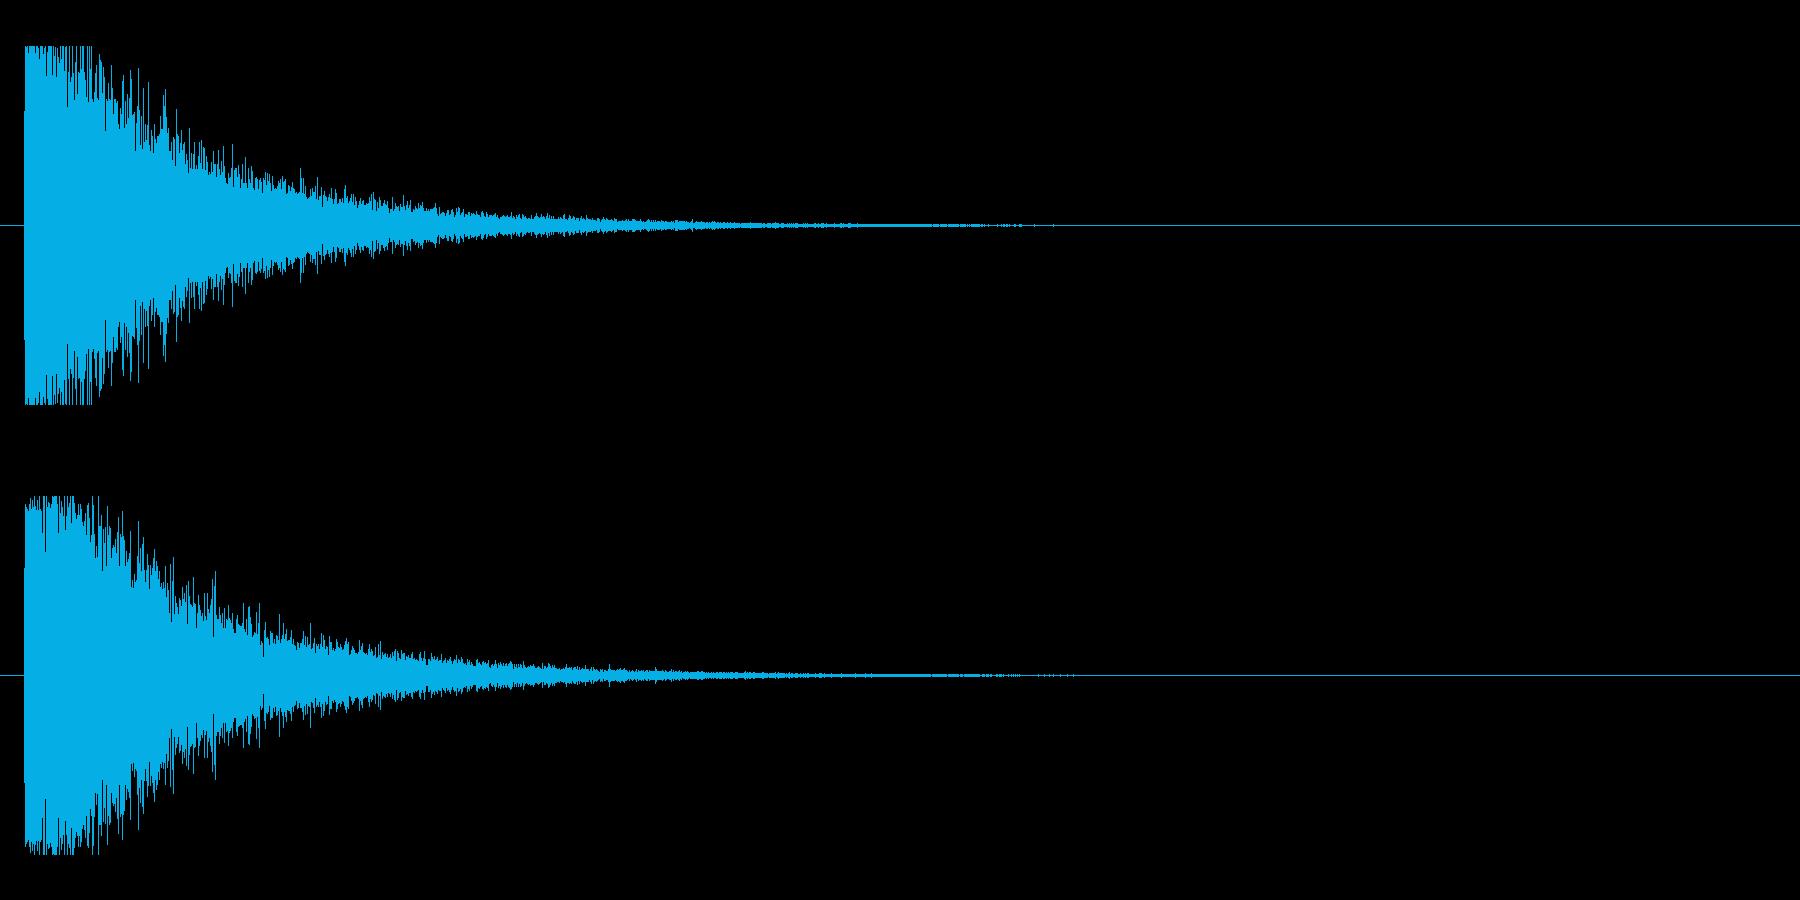 レーザー音-10-1の再生済みの波形